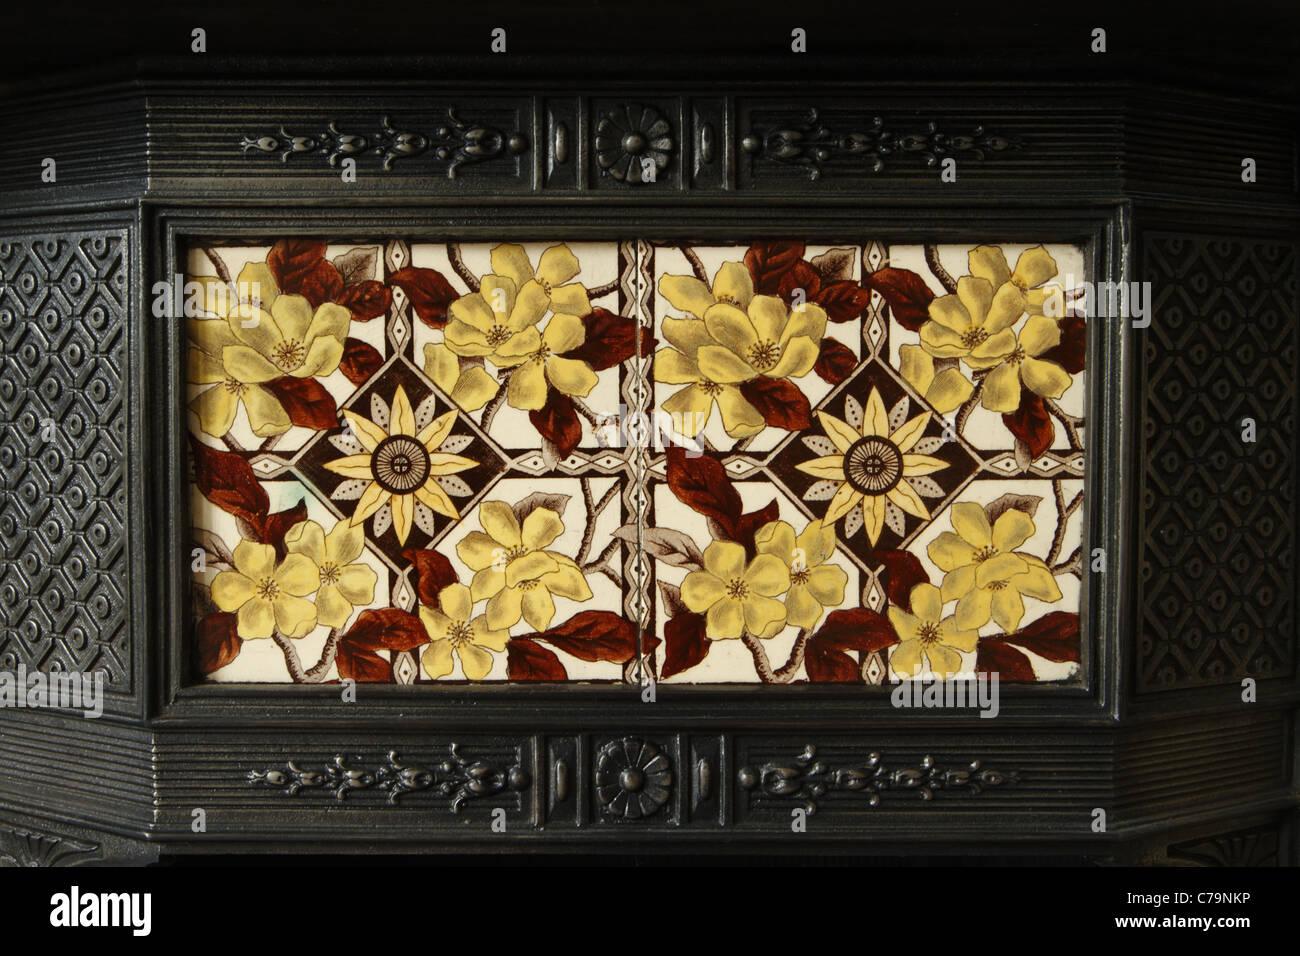 Viktorianische Gusseisen Kamin mit eingelegten Keramikfliesen. Stockbild